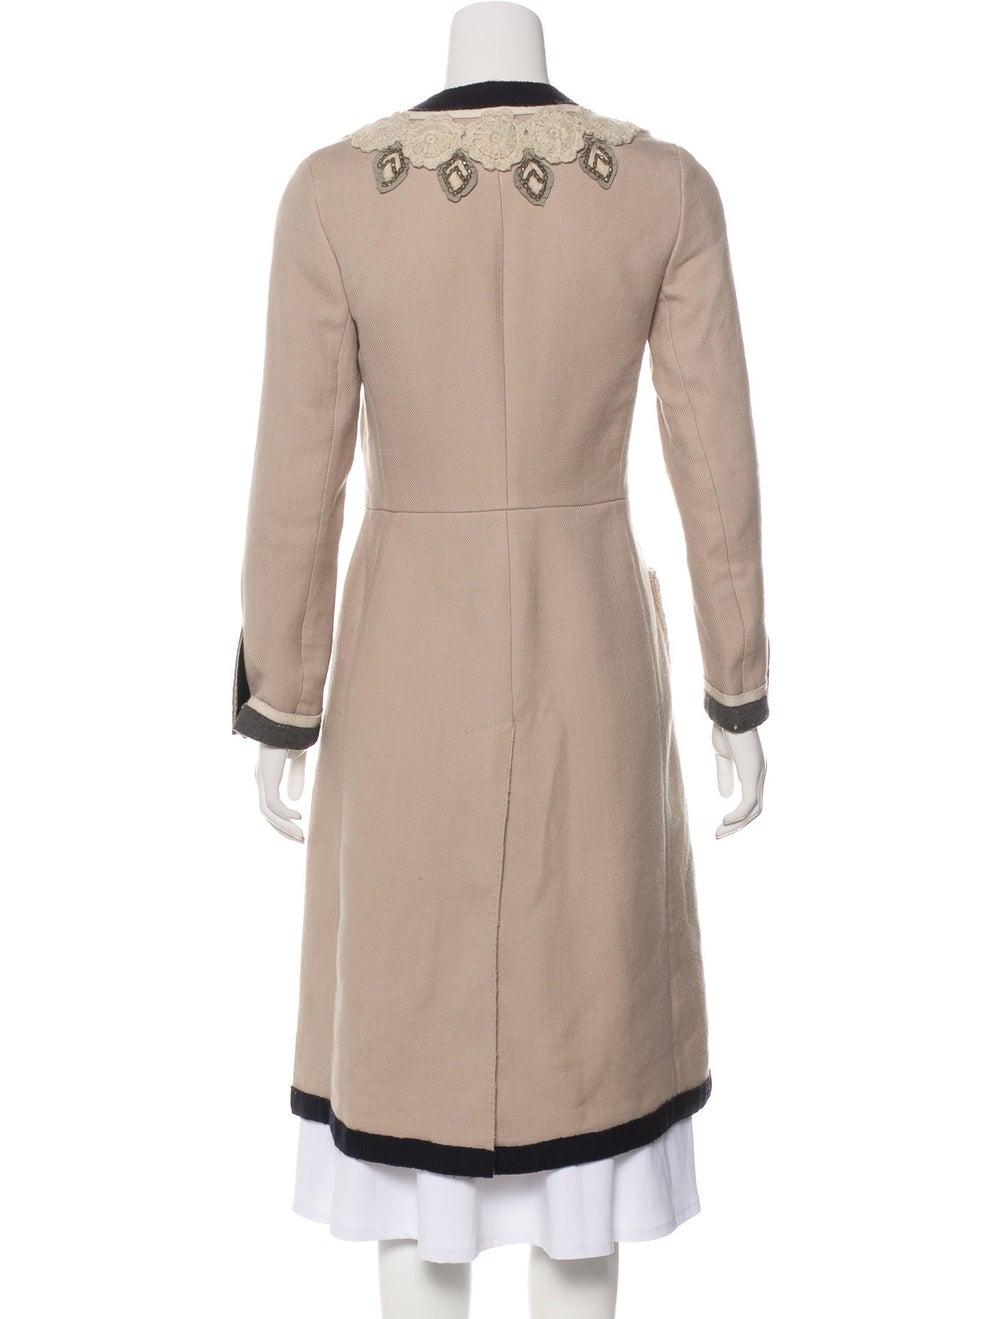 Prada Embroidered Long Coat Tan - image 3